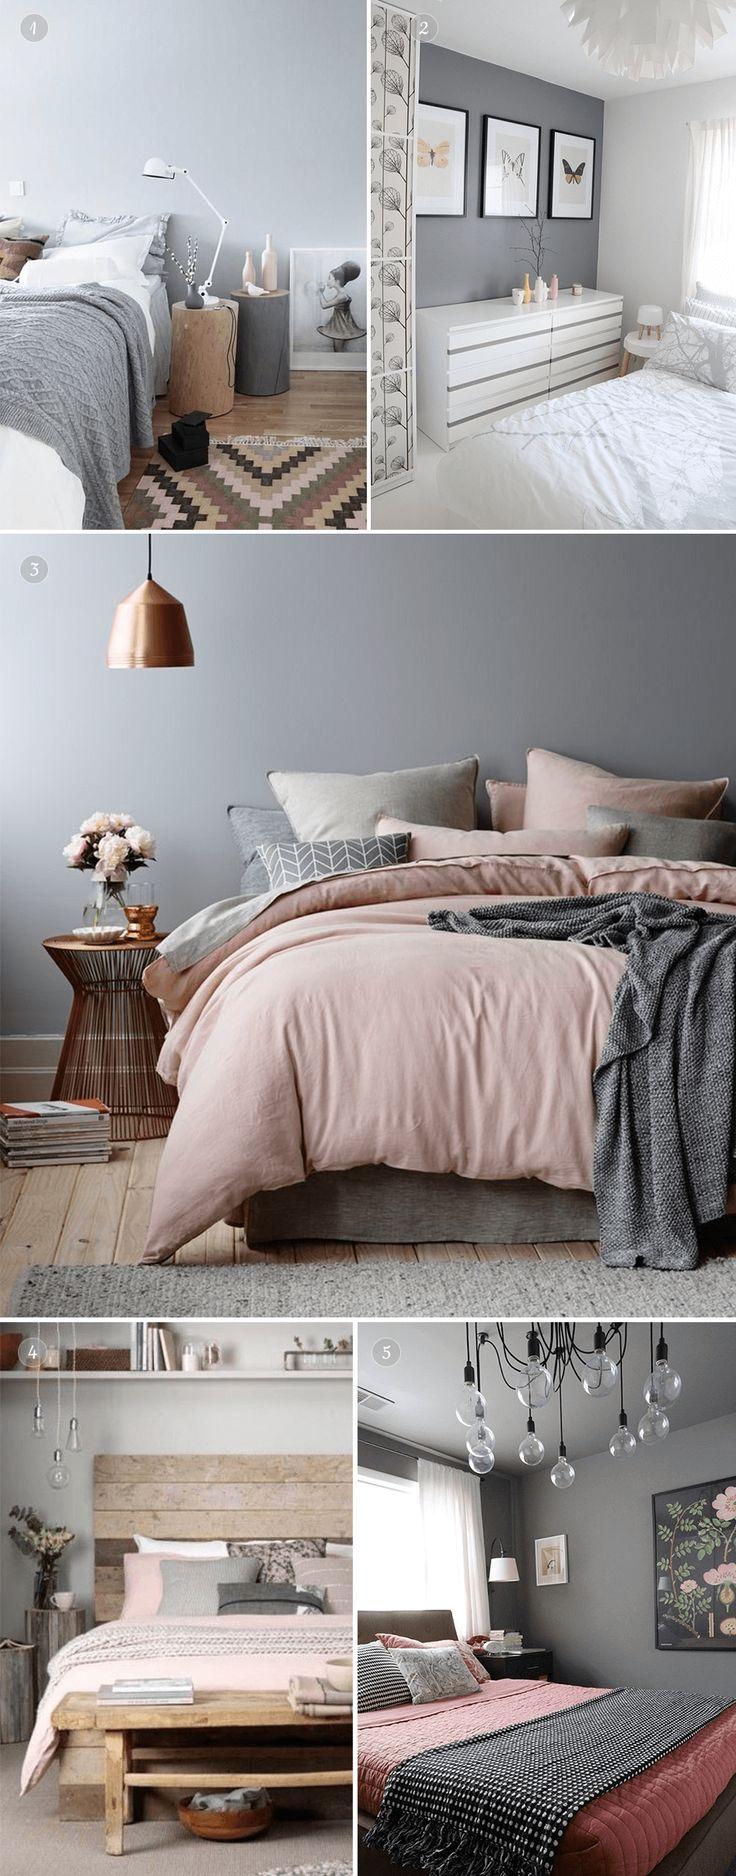 Master bedroom holly springs ga shabby chic style bedroom - Master Bedroom Holly Springs Ga Shabby Chic Style Bedroom Szara Sypialnia Inspiracje Download